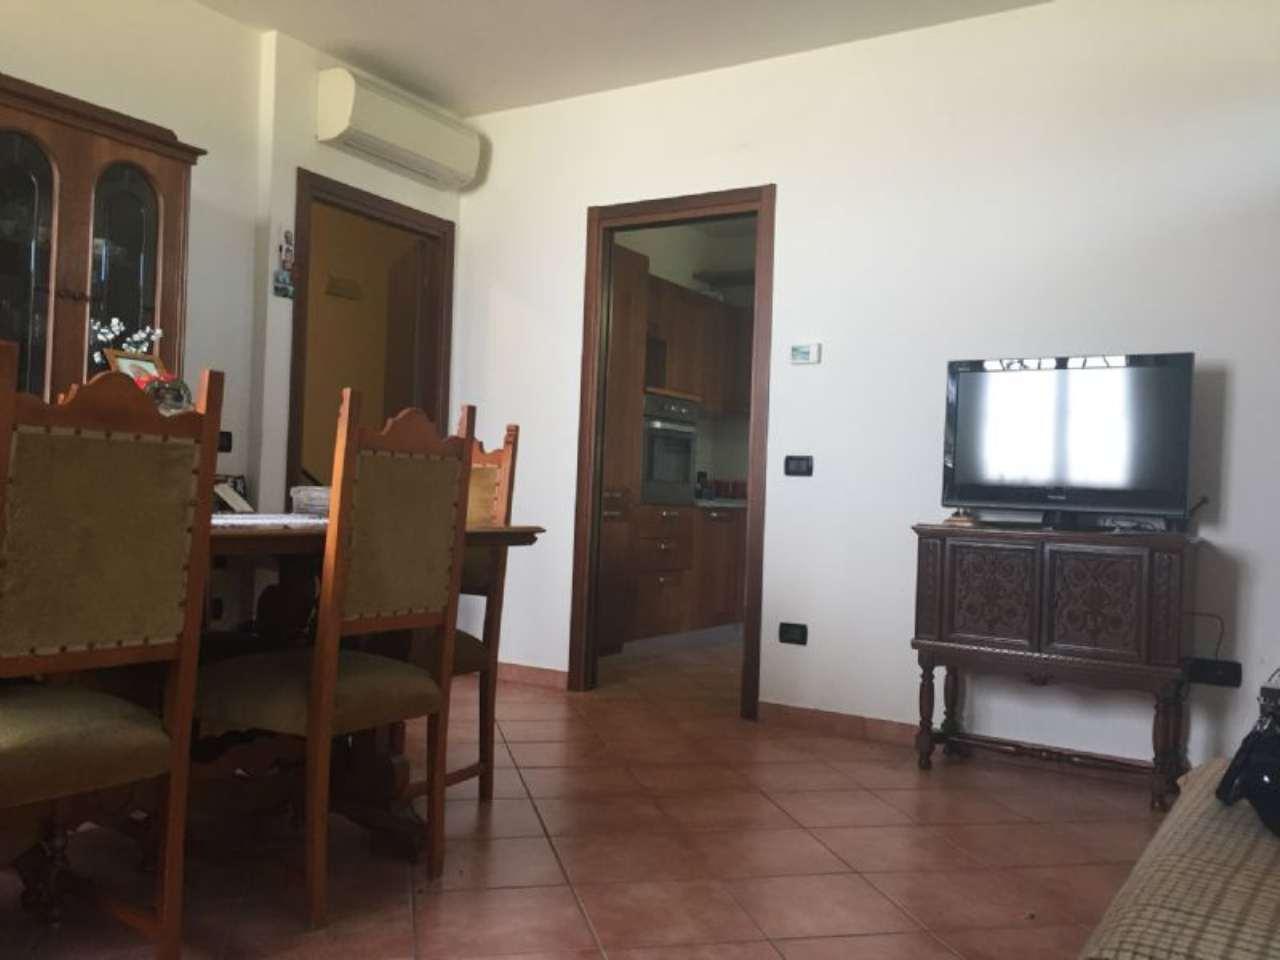 Appartamento in vendita a Bagnolo in Piano, 5 locali, prezzo € 215.000 | Cambio Casa.it